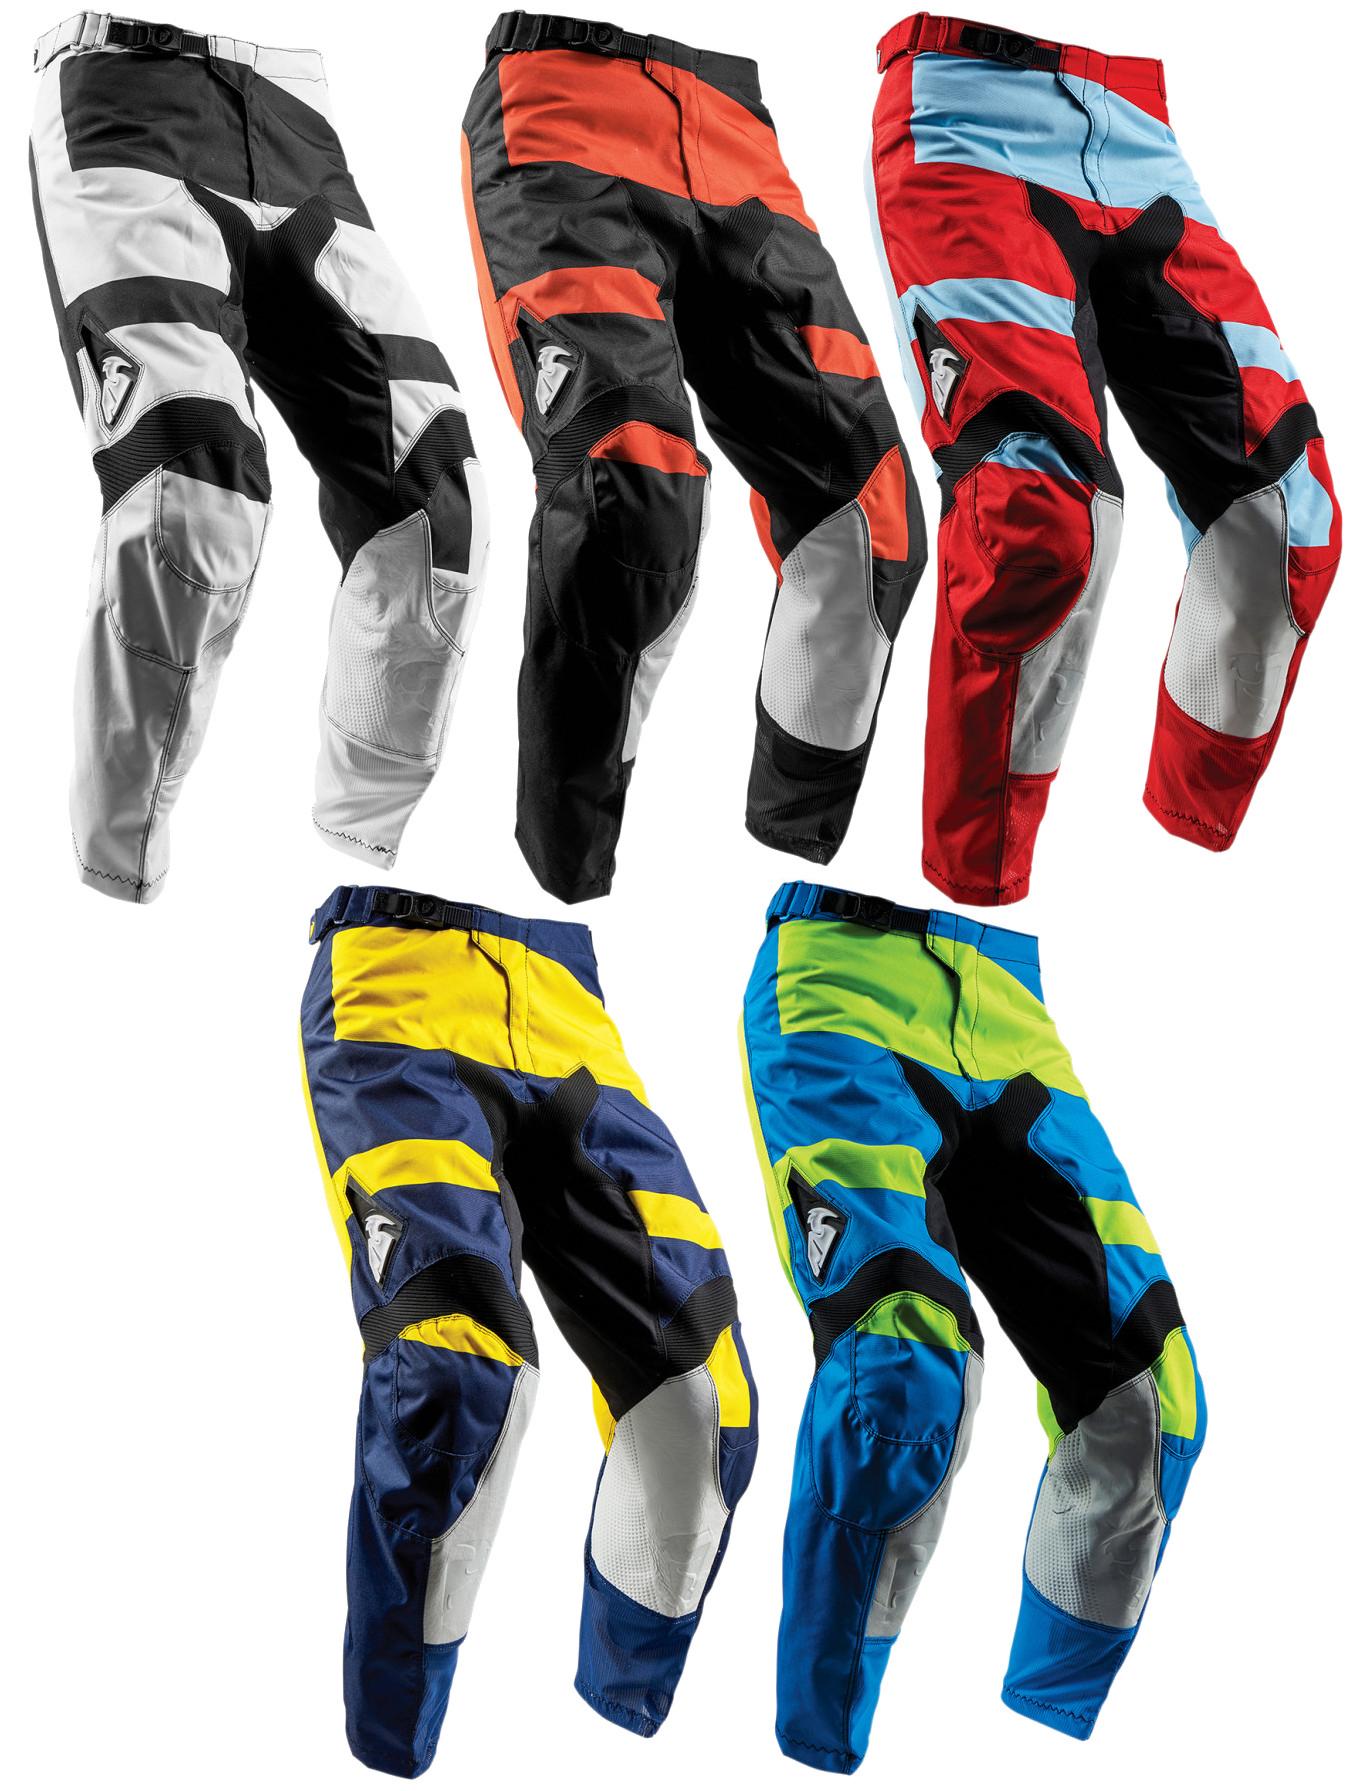 EVS Circuit Moto Mens Off Road Dirt Bike ATV MX Motocross Socks